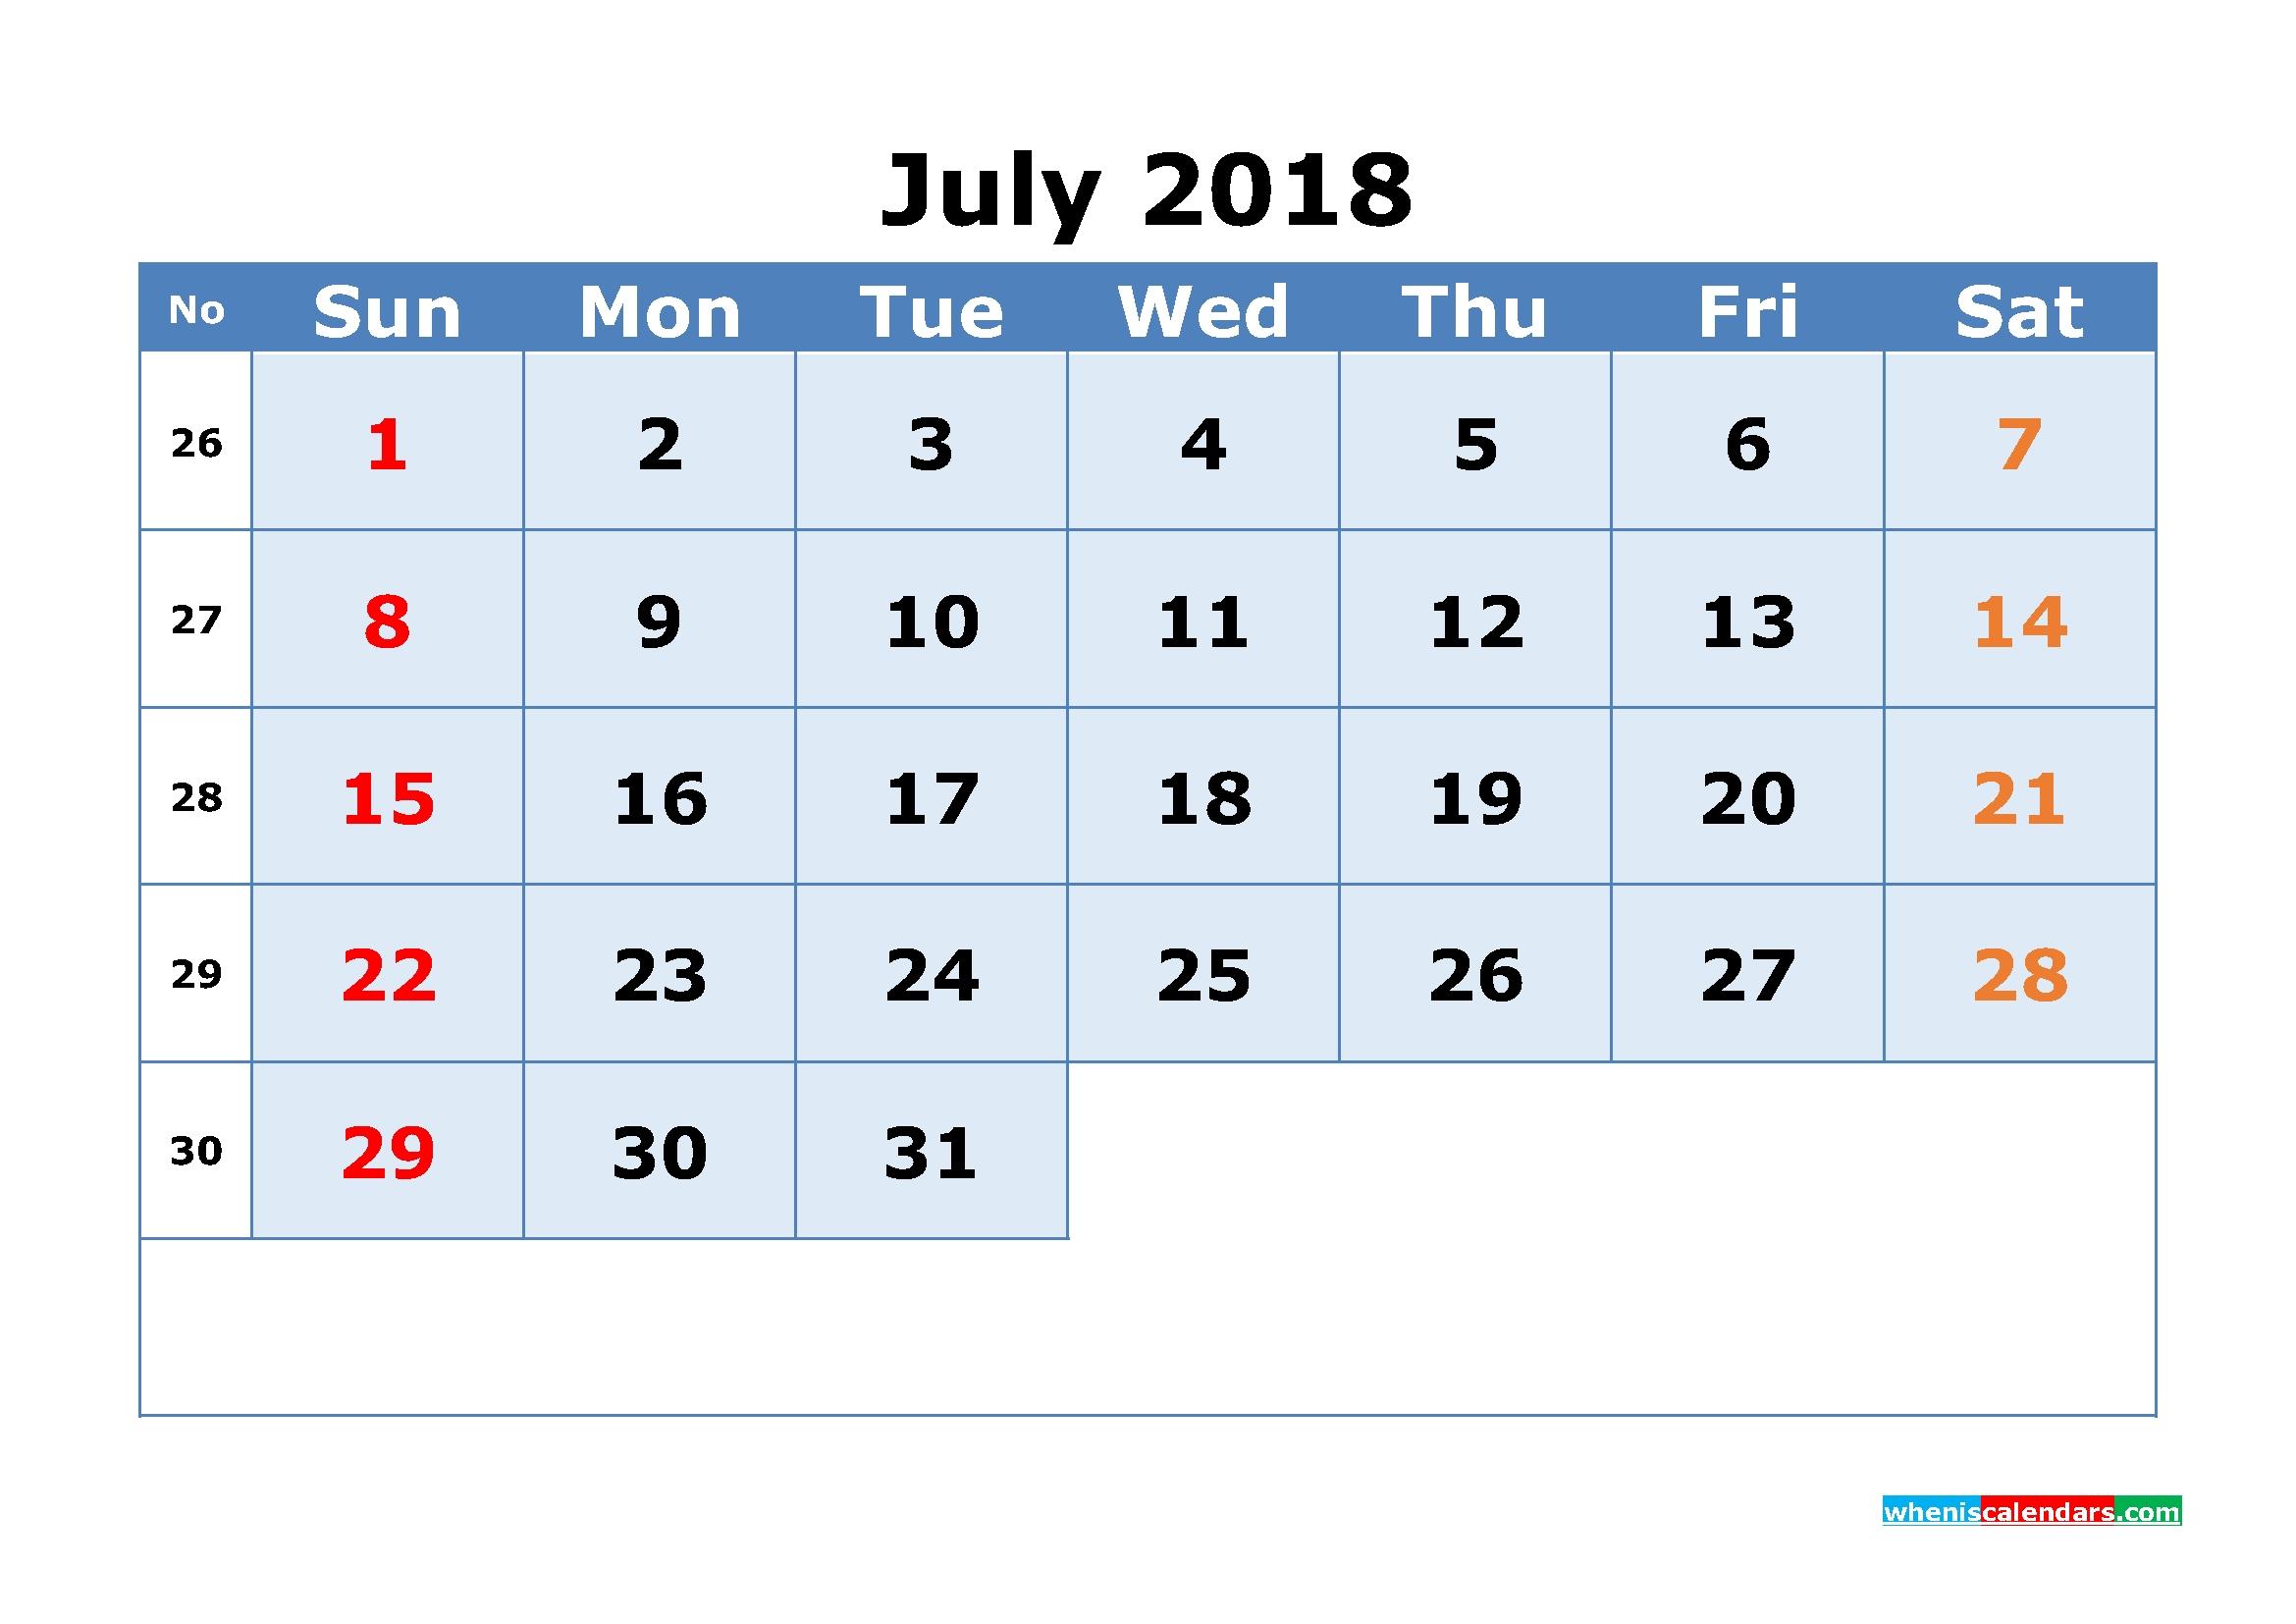 July 2018 Calendar With Week Numbers Printable 1 Month